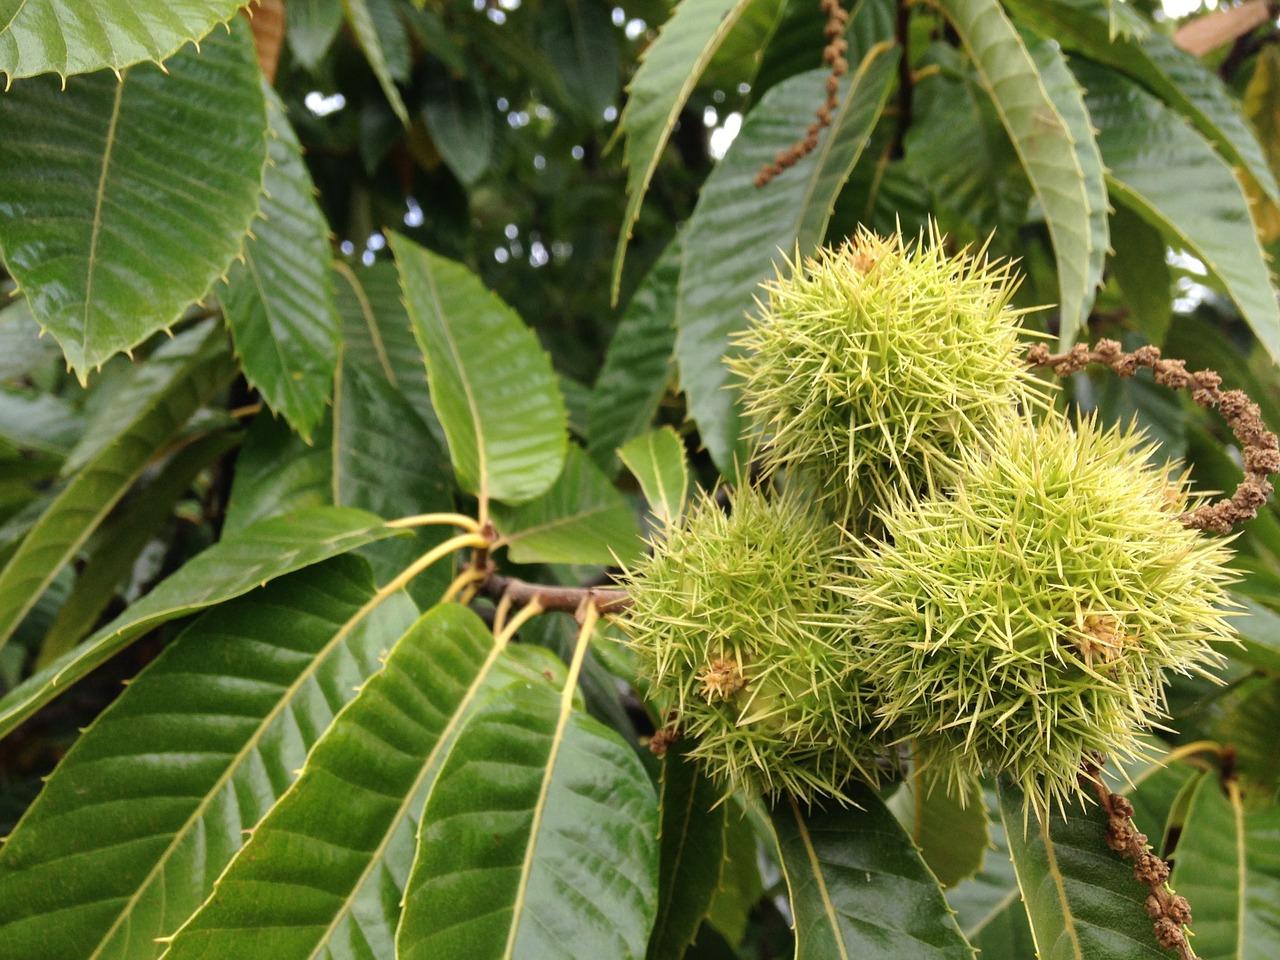 Η Καστανιά ανήκει στην οικογένεια Fagaceae, στο γένος Castanea. Η Ευρωπαϊκή Καστανιά φυλλοβόλο, μακρόβιο με ύψος που μπορεί να φτάσει μέχρι και τα 30 μέτρα